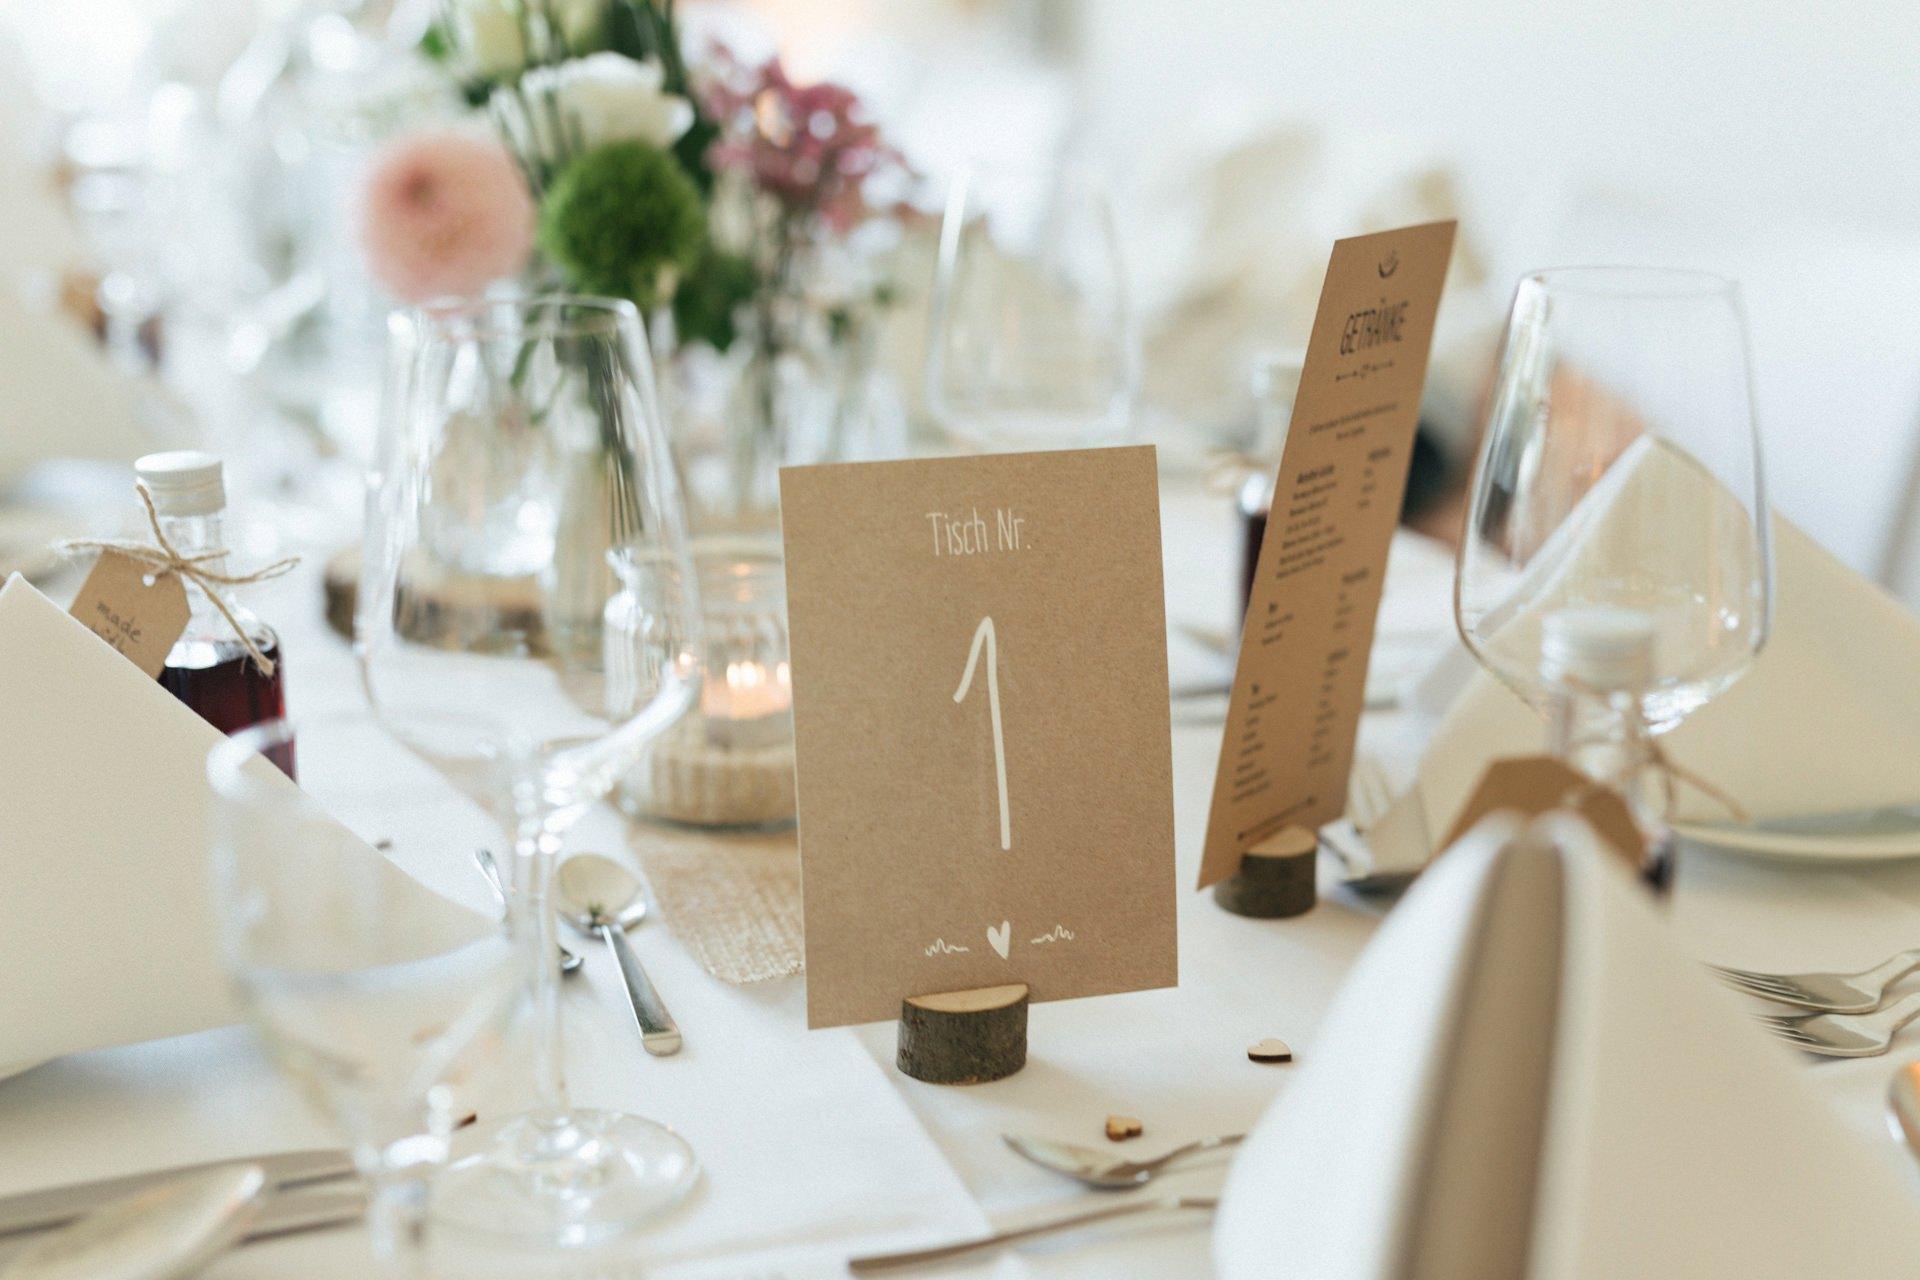 Tischdeko bei der Hochzeit in der Globetrotter Lodge auf dem Aschberg